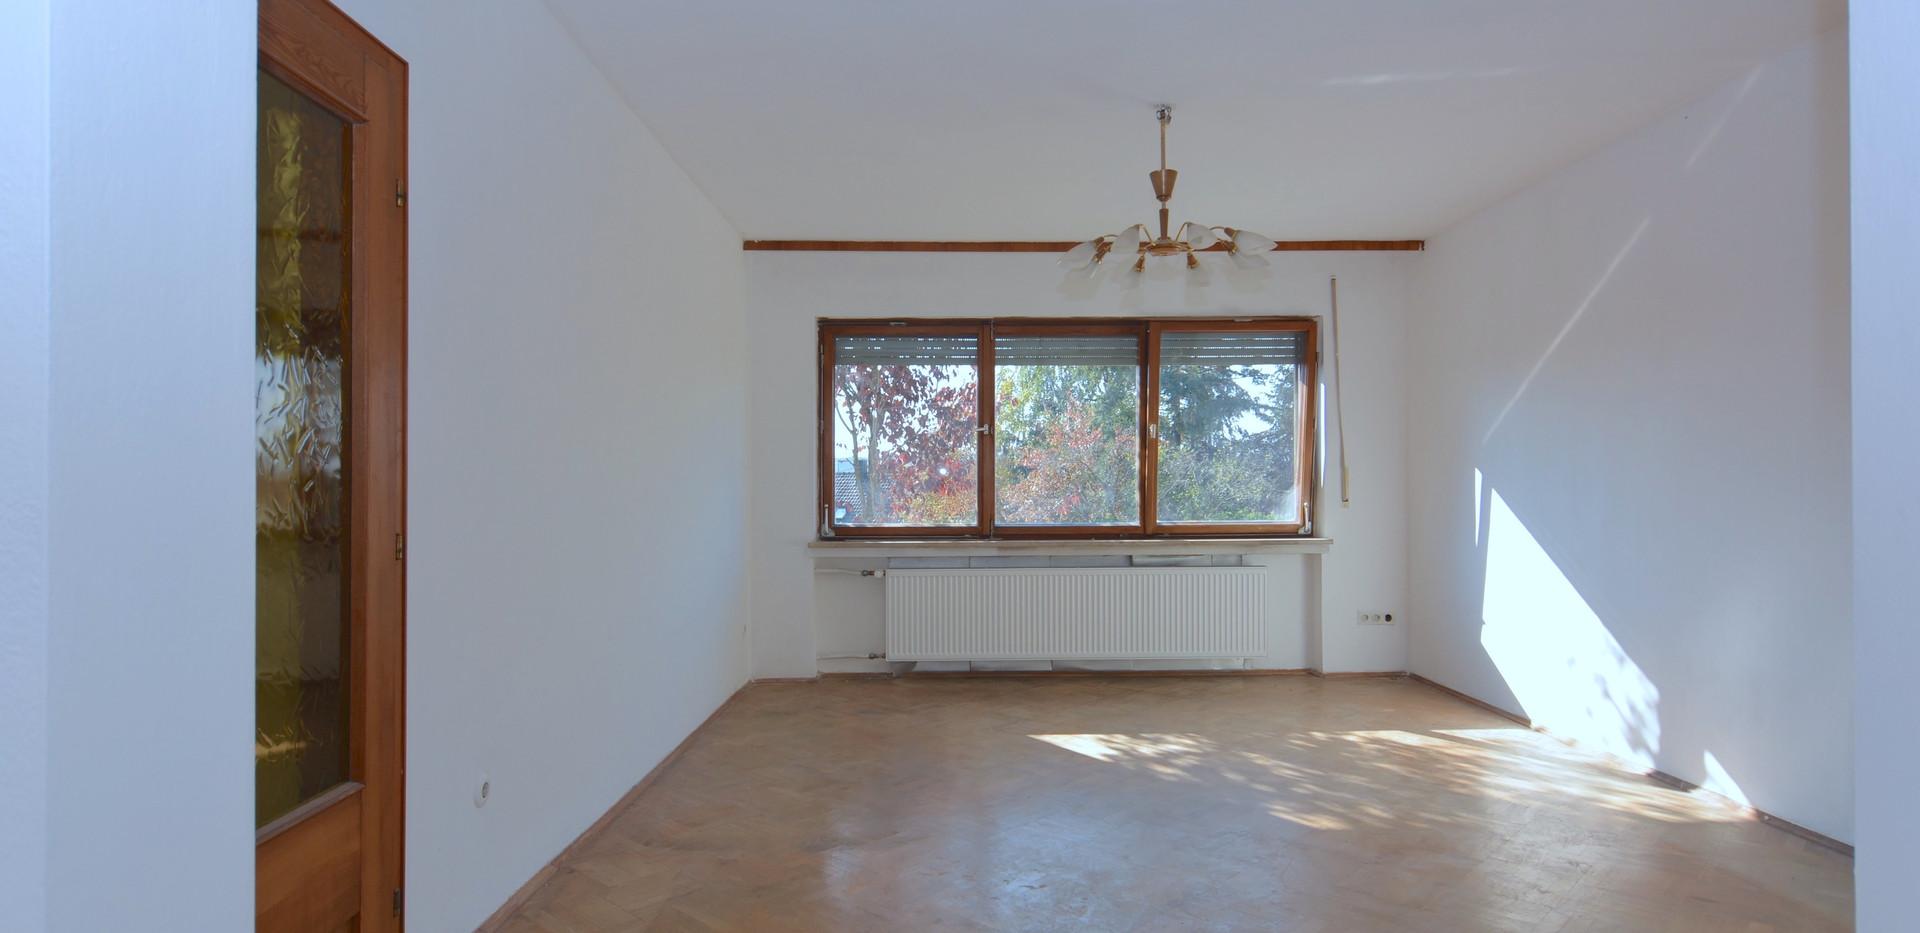 House Bavaria01.jpg